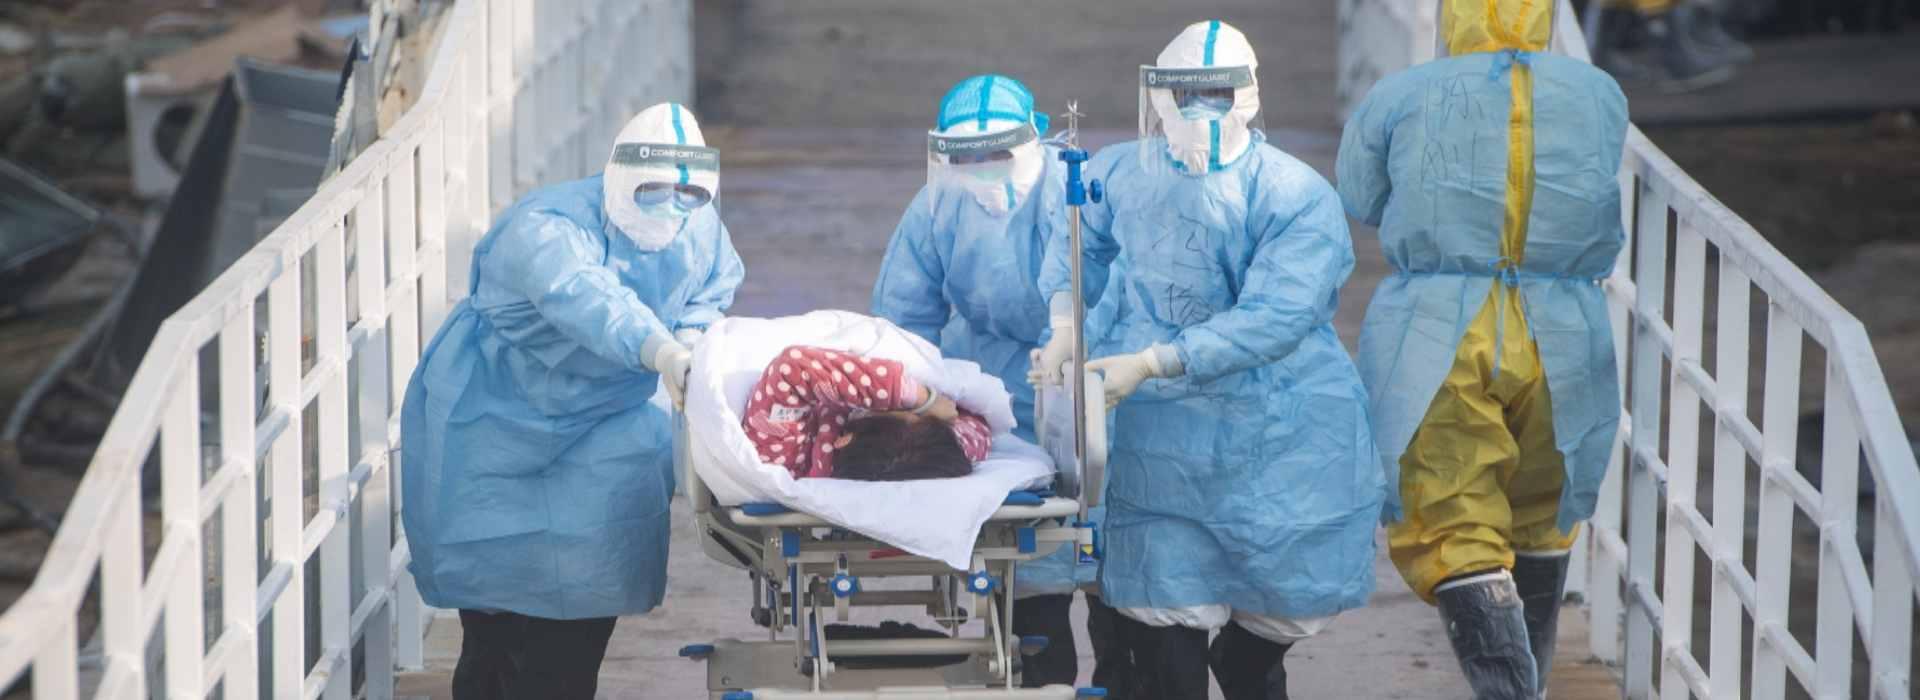 """Coronavirus, la risposta che poteva arrivare dall'Abruzzo con il progetto """"Sanità sicura 2020"""""""